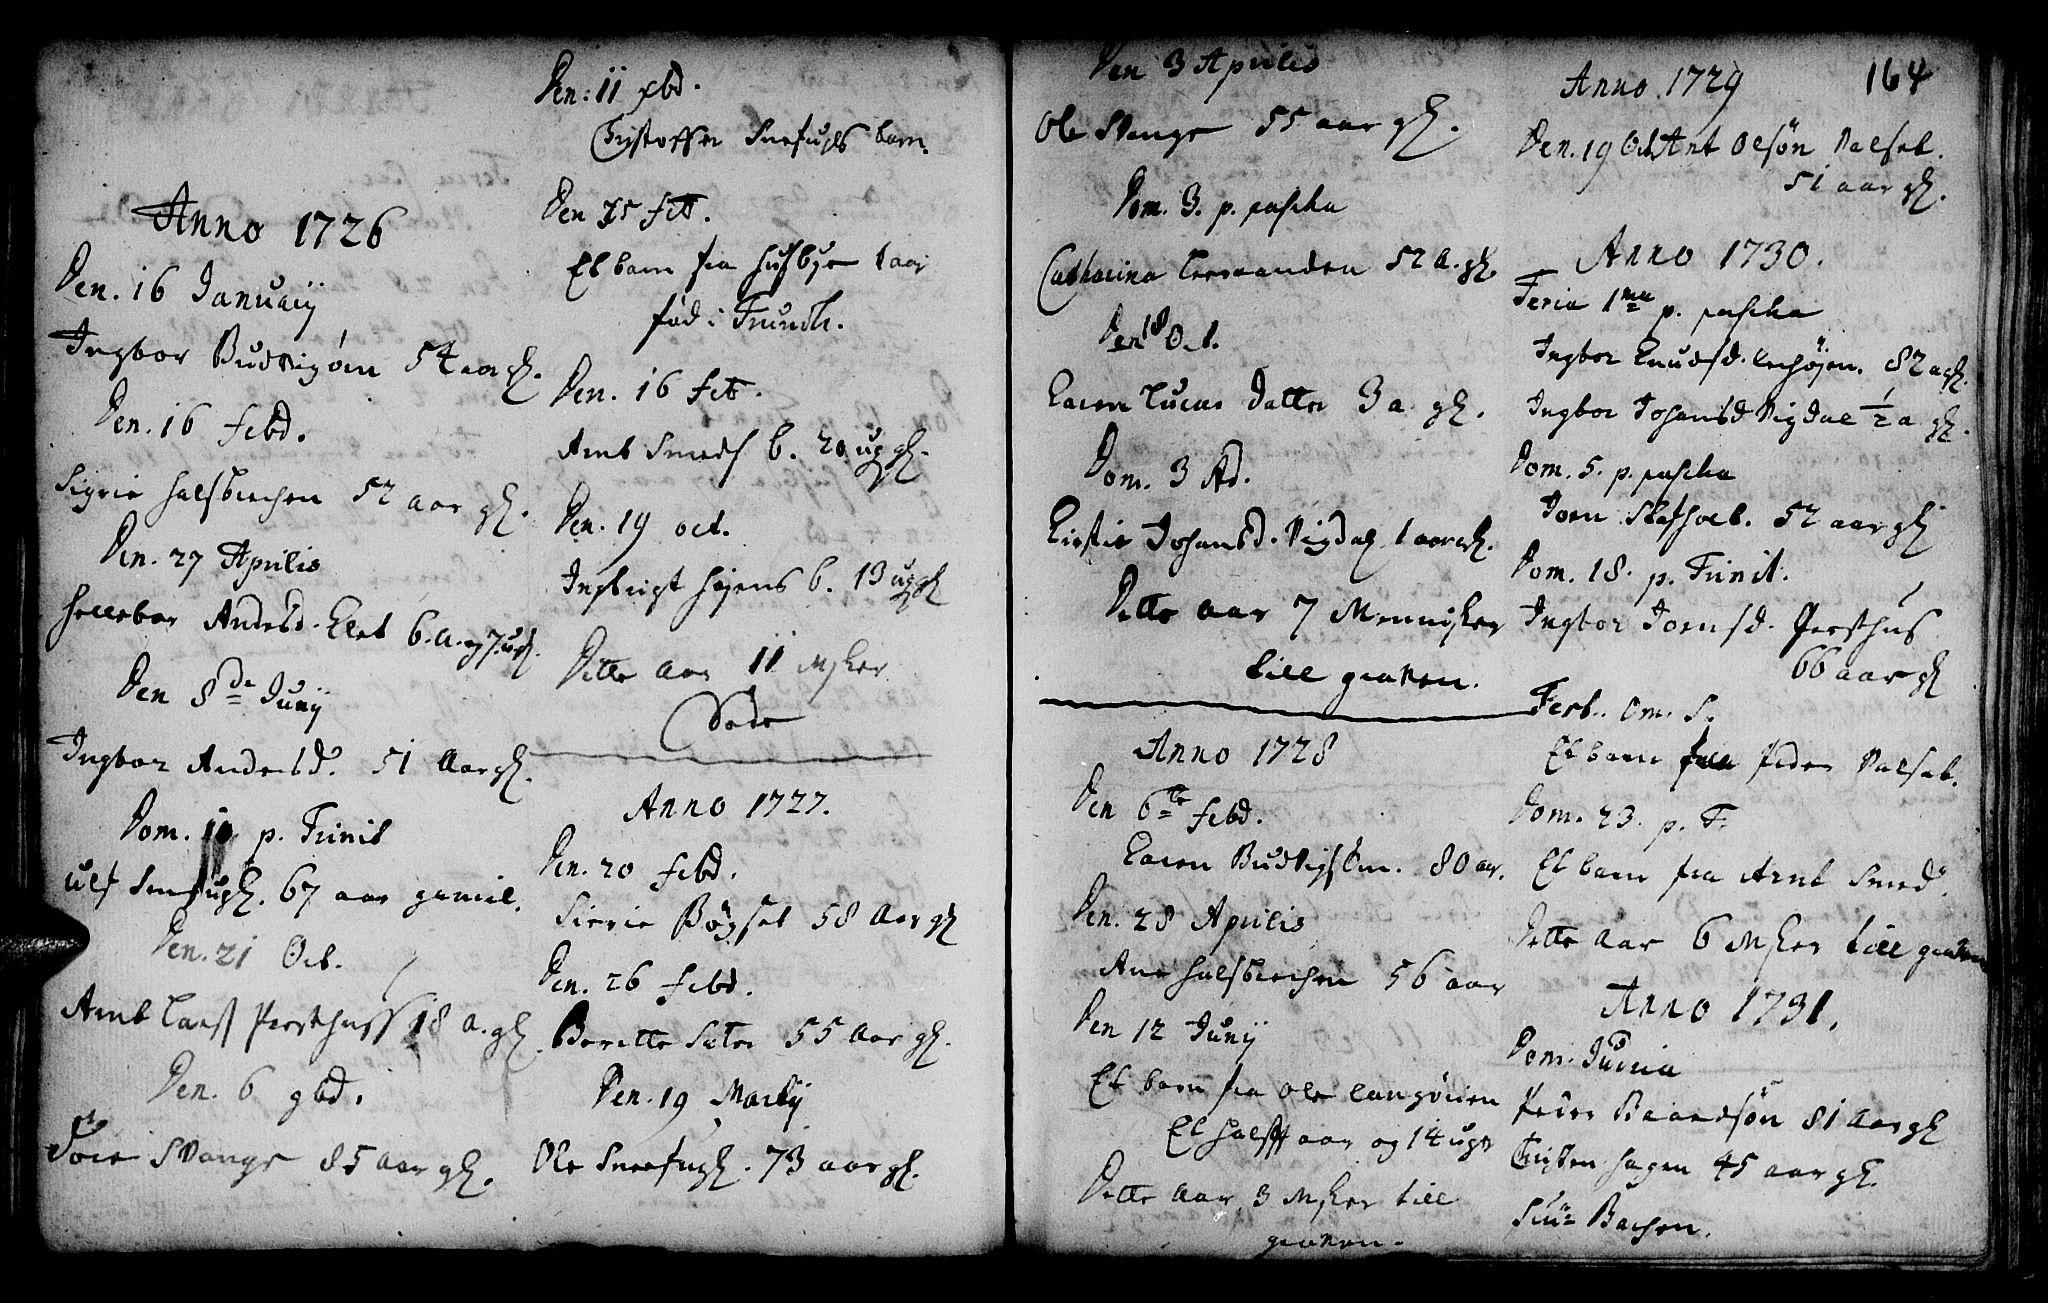 SAT, Ministerialprotokoller, klokkerbøker og fødselsregistre - Sør-Trøndelag, 666/L0783: Ministerialbok nr. 666A01, 1702-1753, s. 164